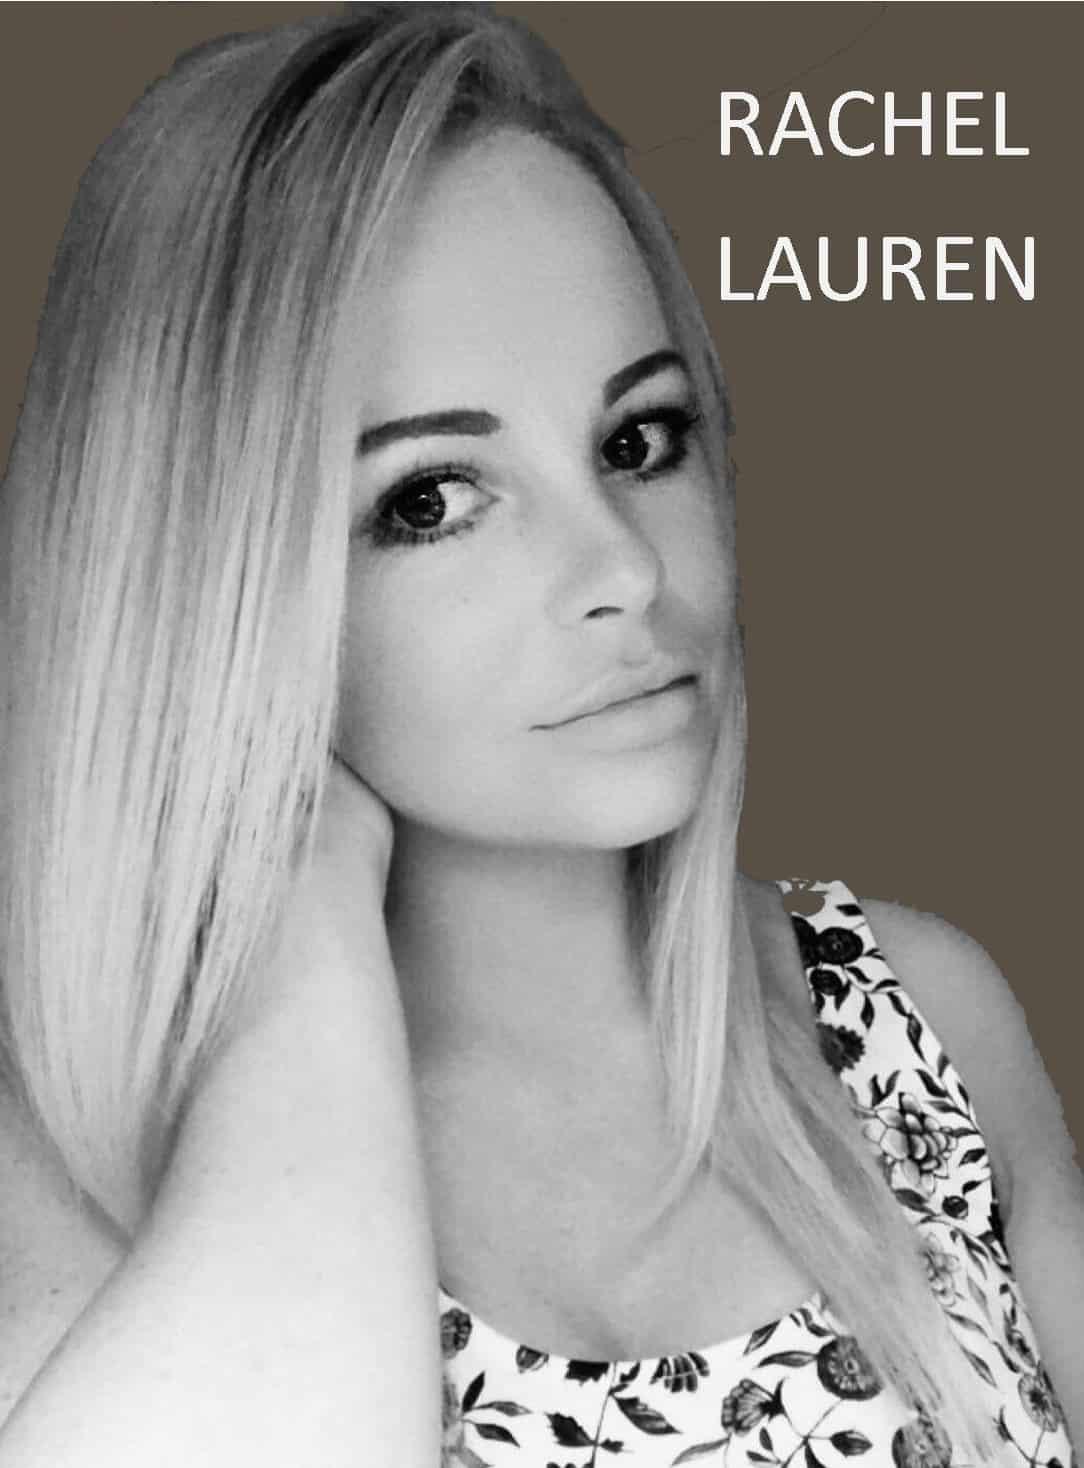 Female Vocalist Rachel Lauren